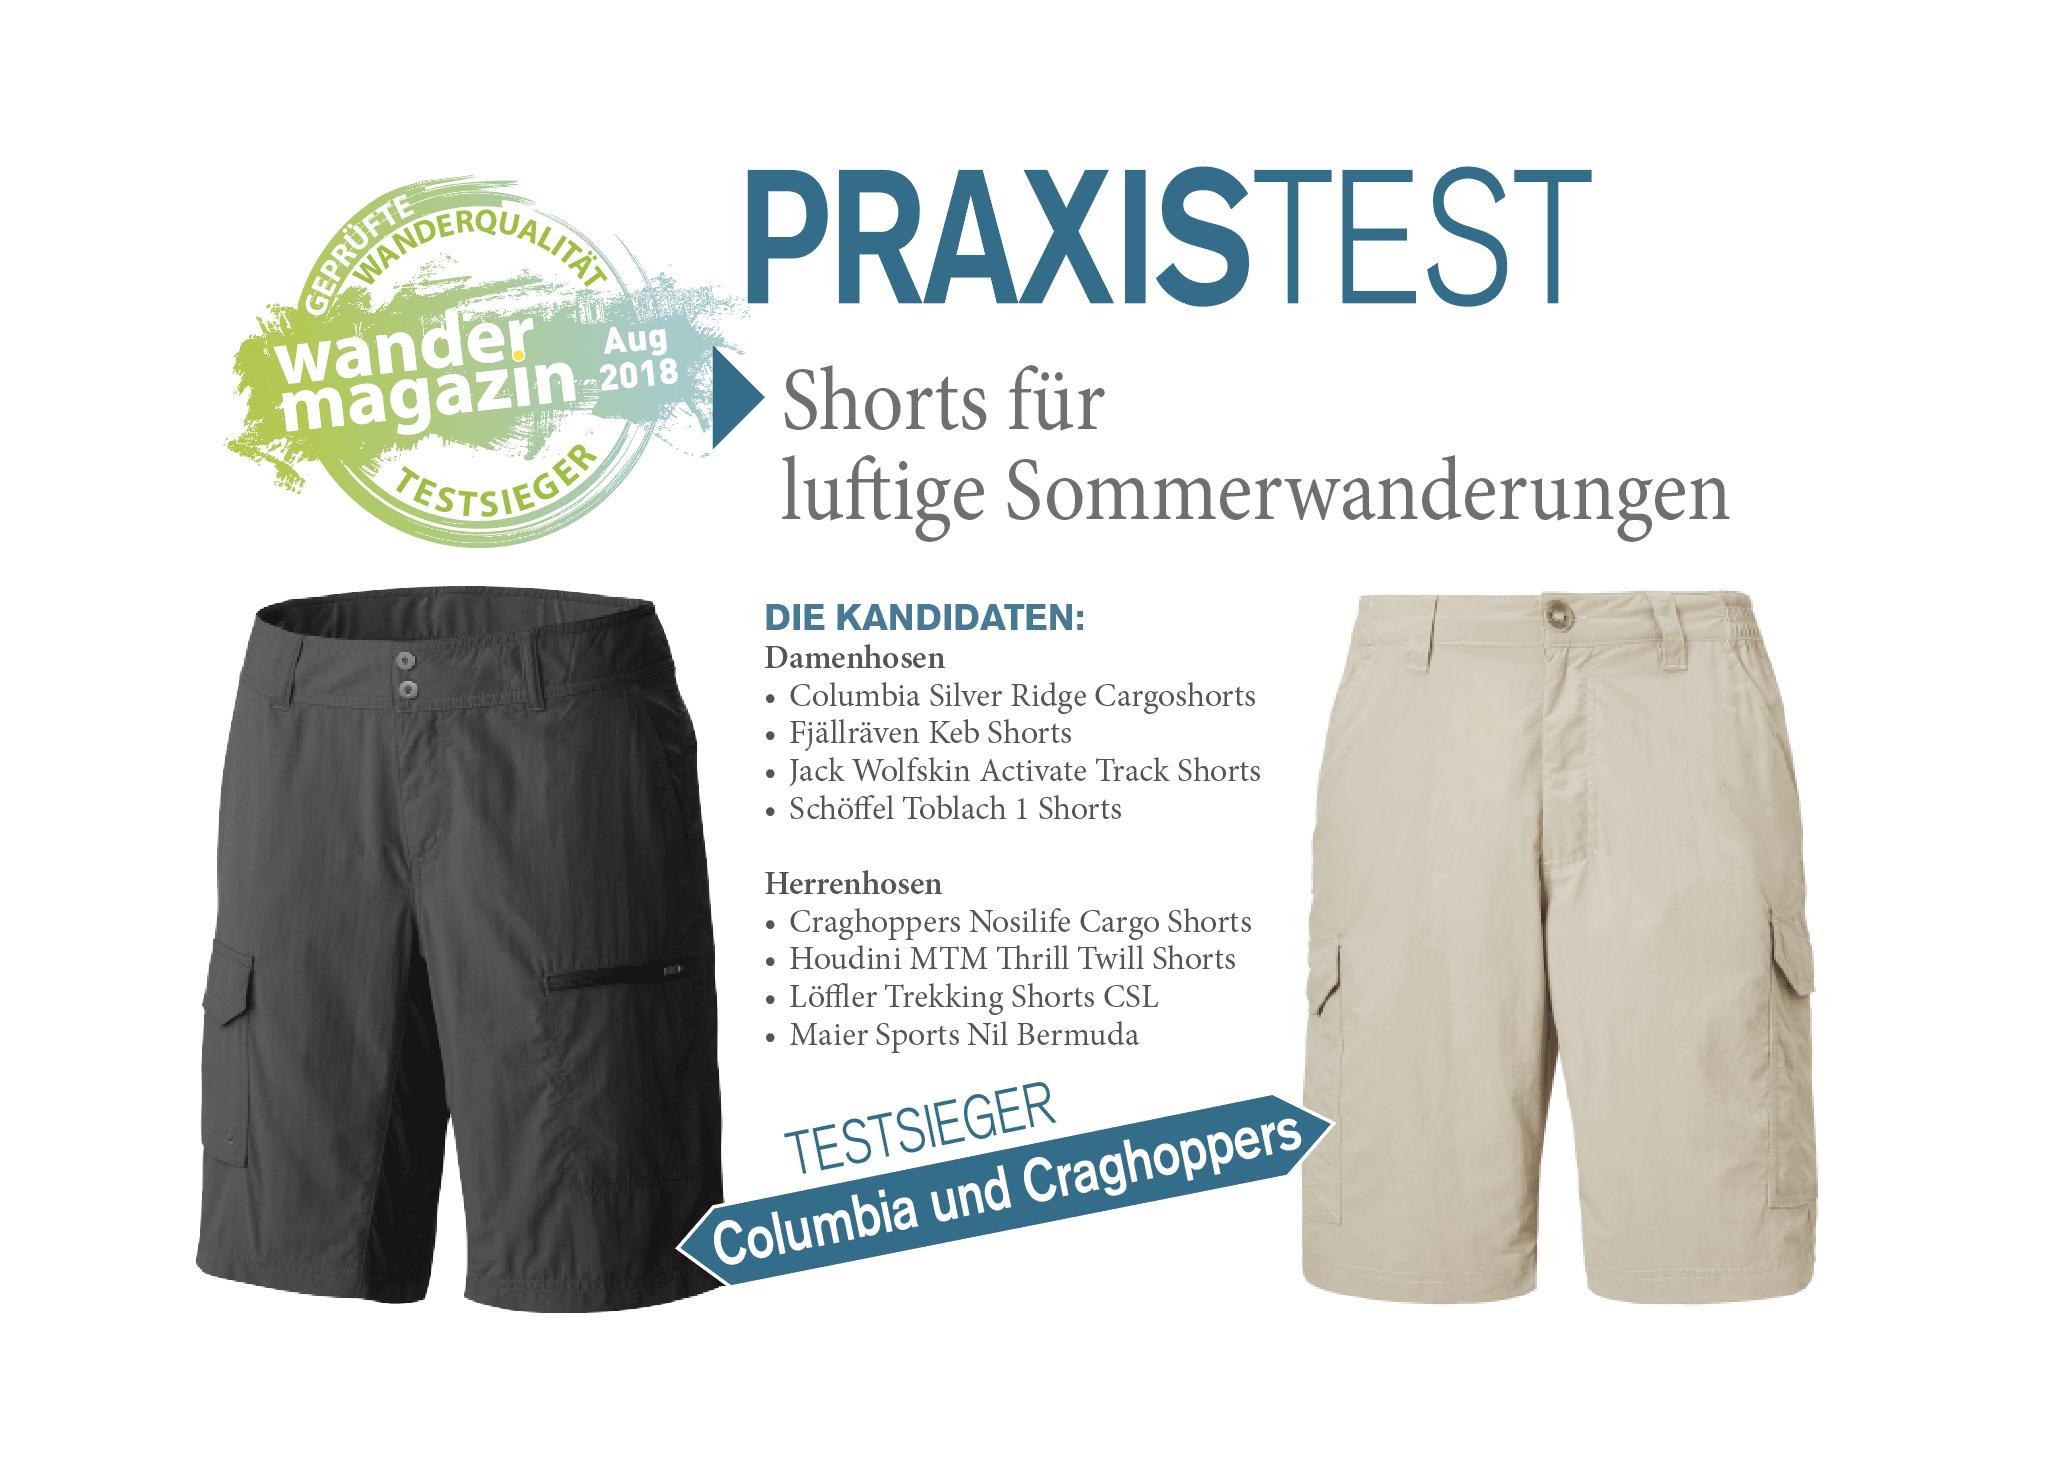 Wandermagazin shorts für luftige sommerwanderungen